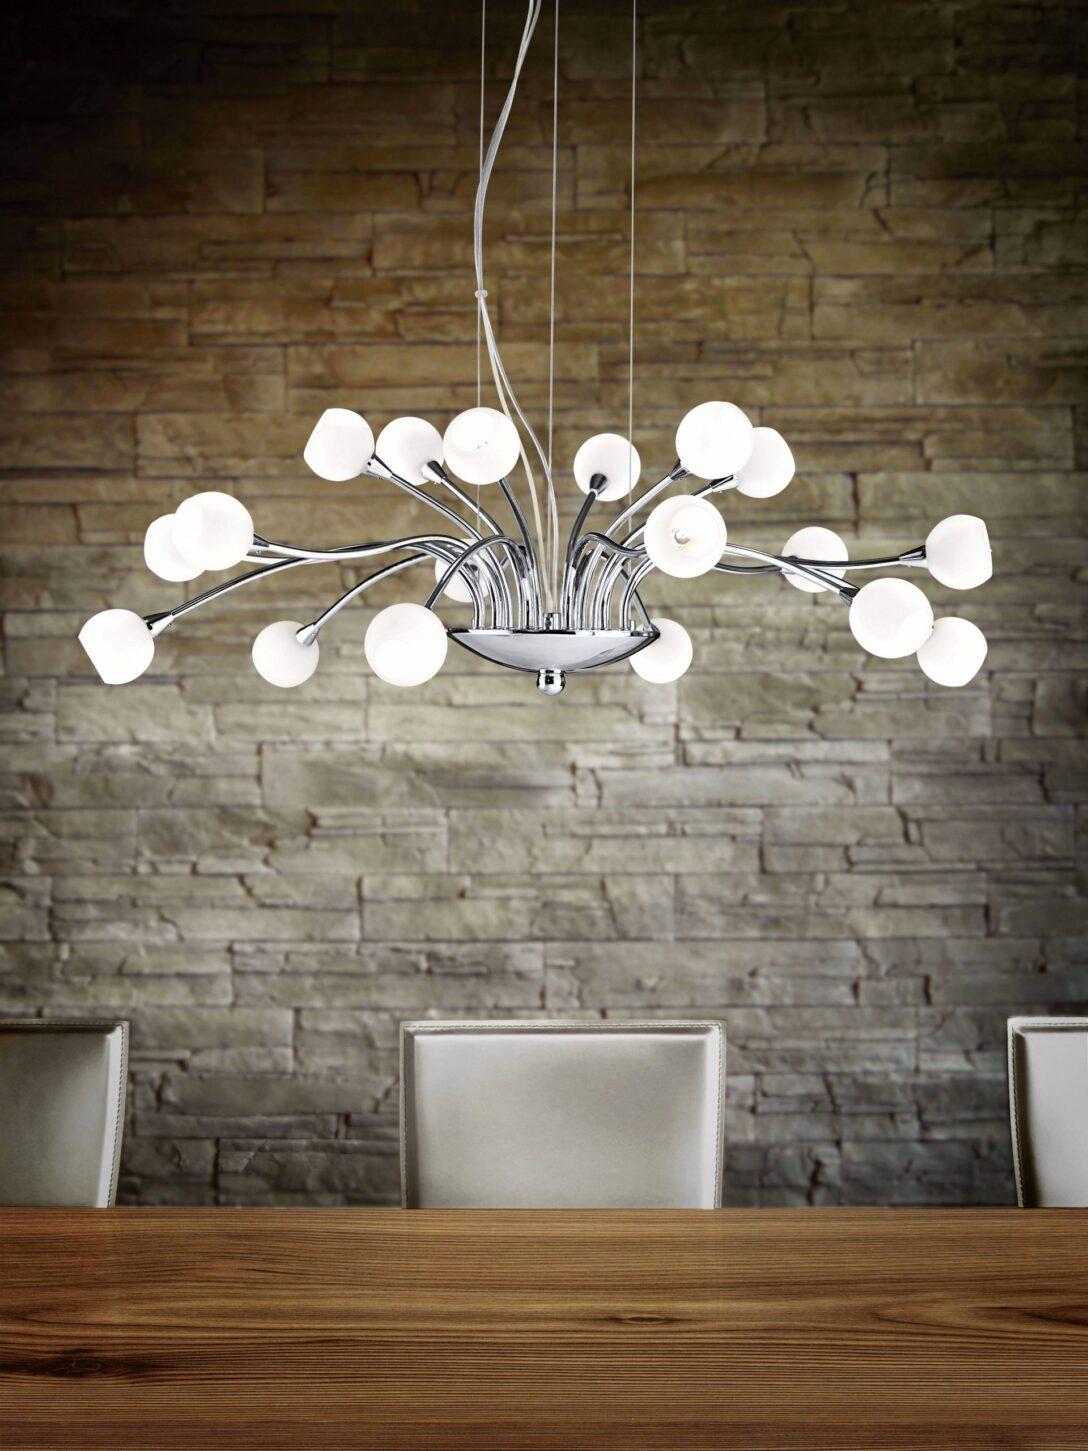 Large Size of Deckenlampe Wohnzimmer Modern Deckenlampen Elegant New Lampen Moderne Landhausküche Liege Bilder Xxl Fototapeten Küche Weiss Tapete Fürs Stehlampe Großes Wohnzimmer Deckenlampe Wohnzimmer Modern